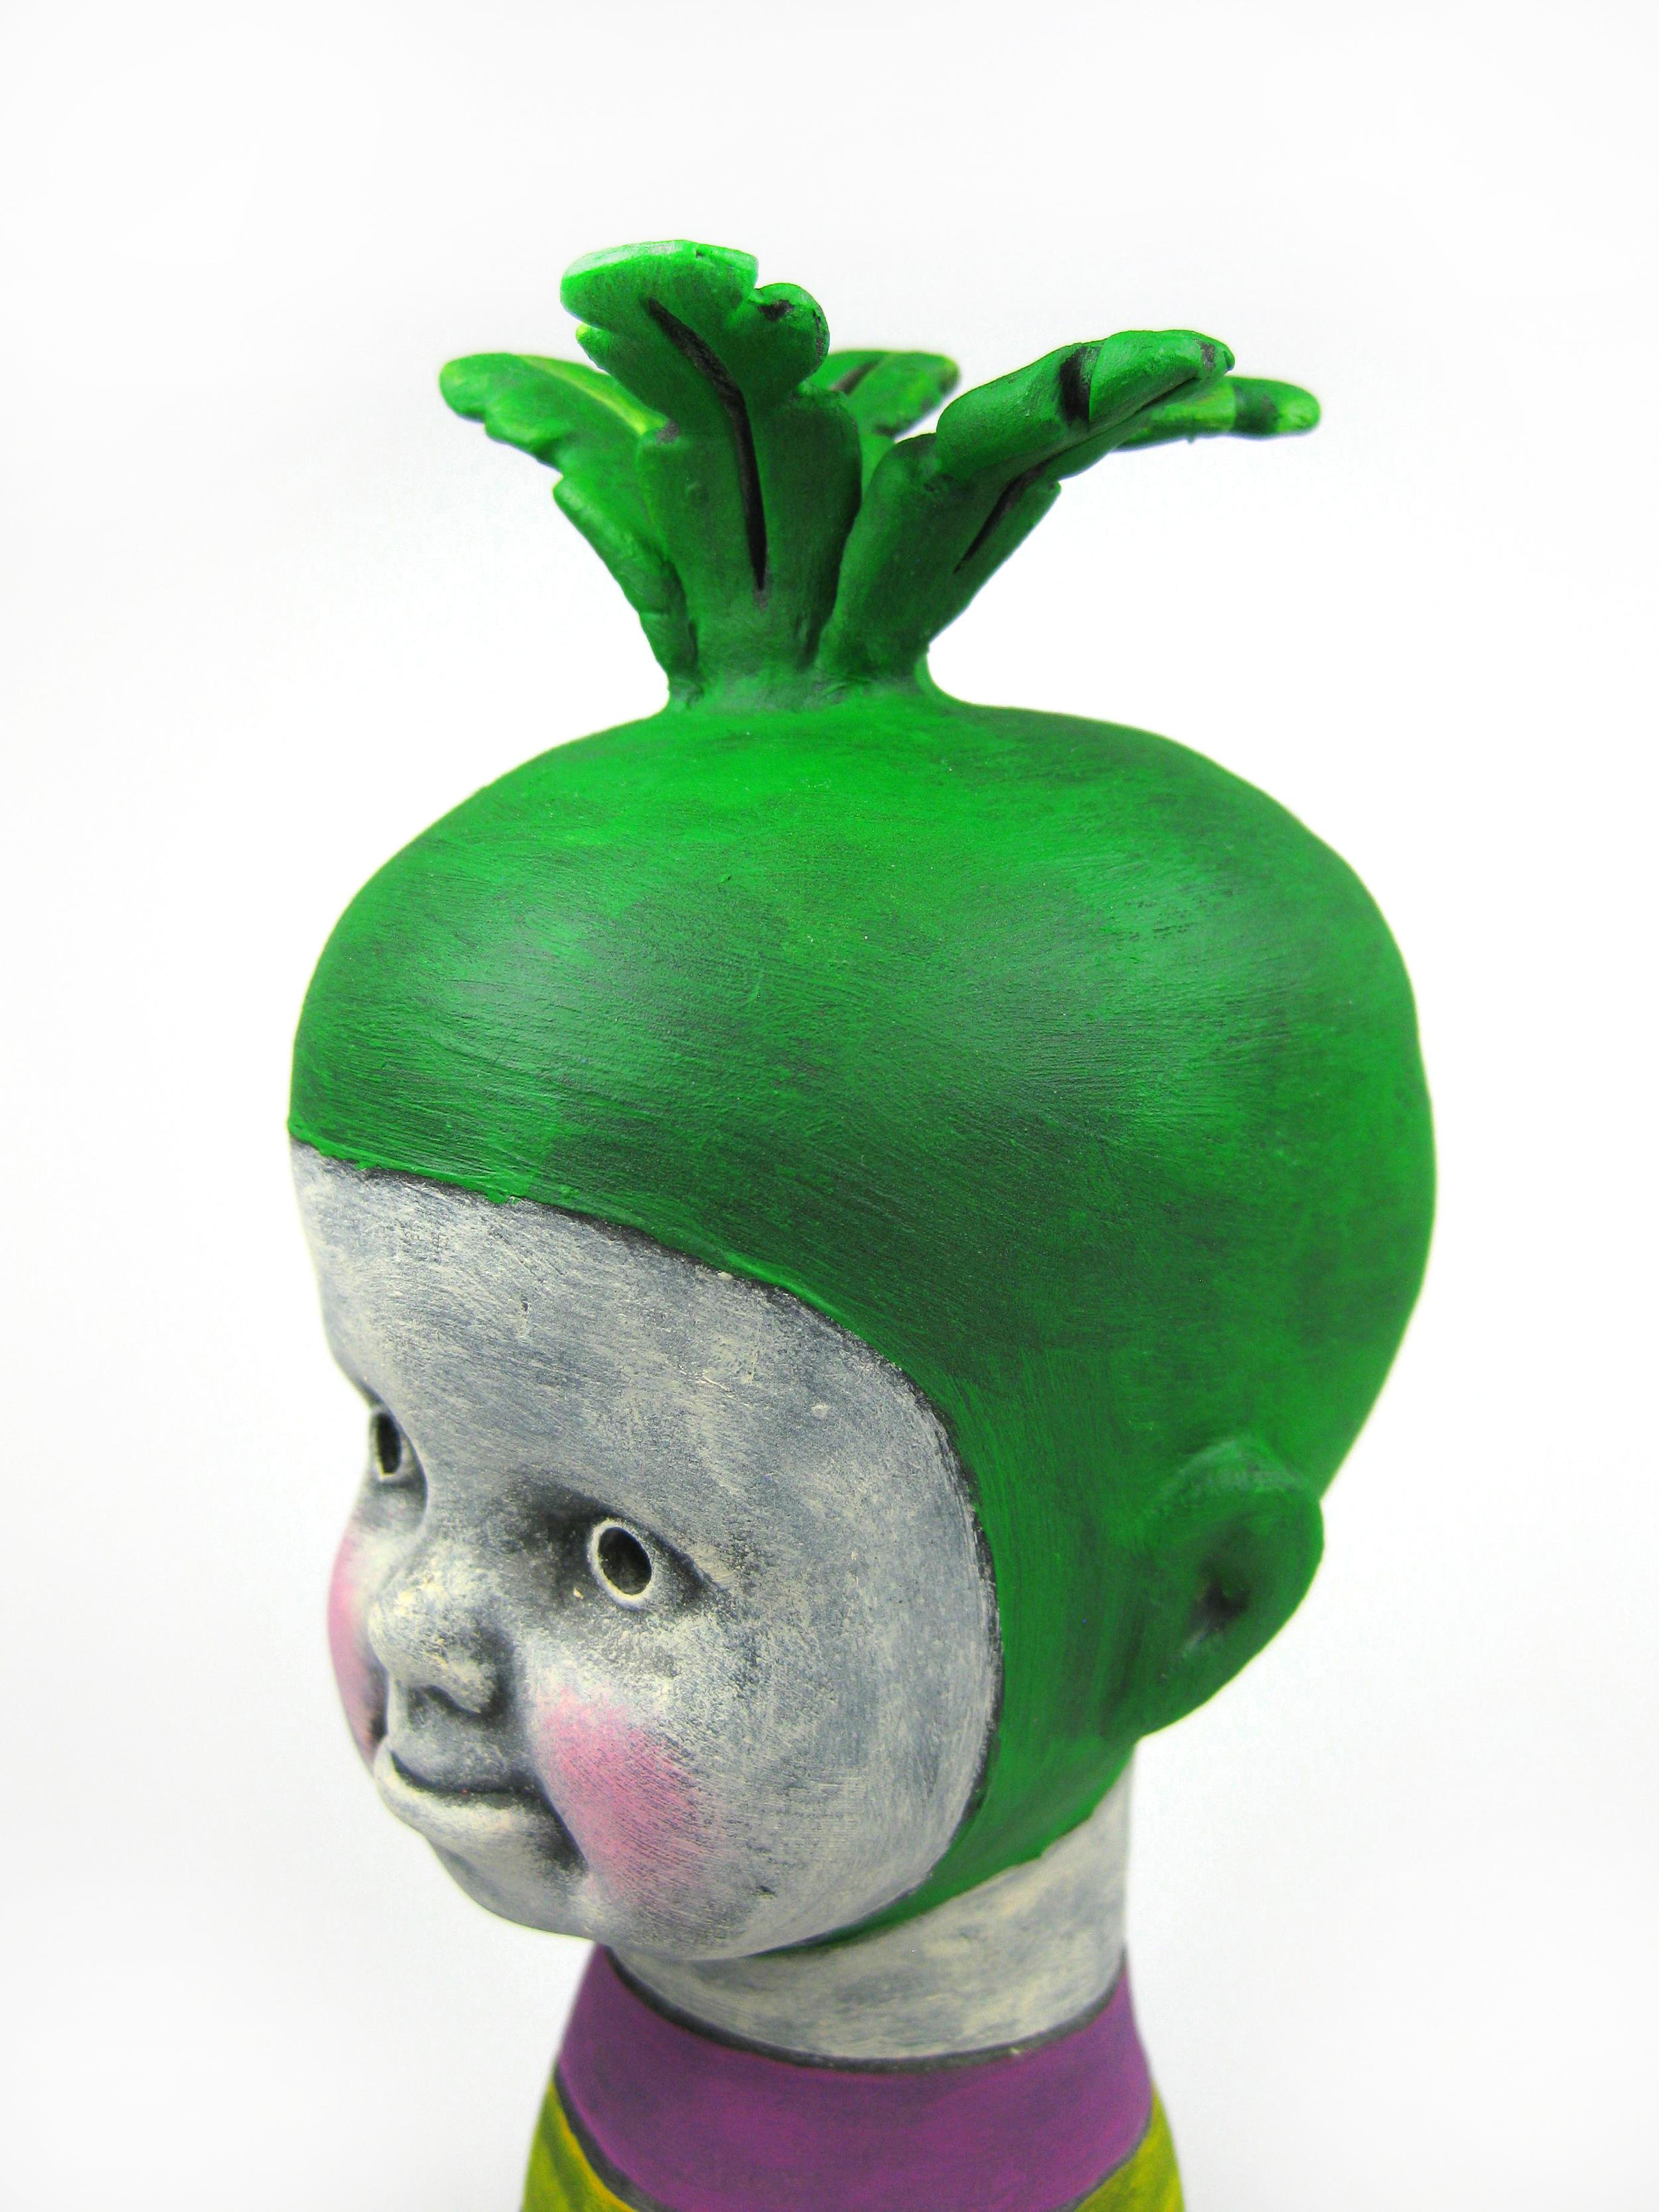 Lettuce Head (Head Detail)